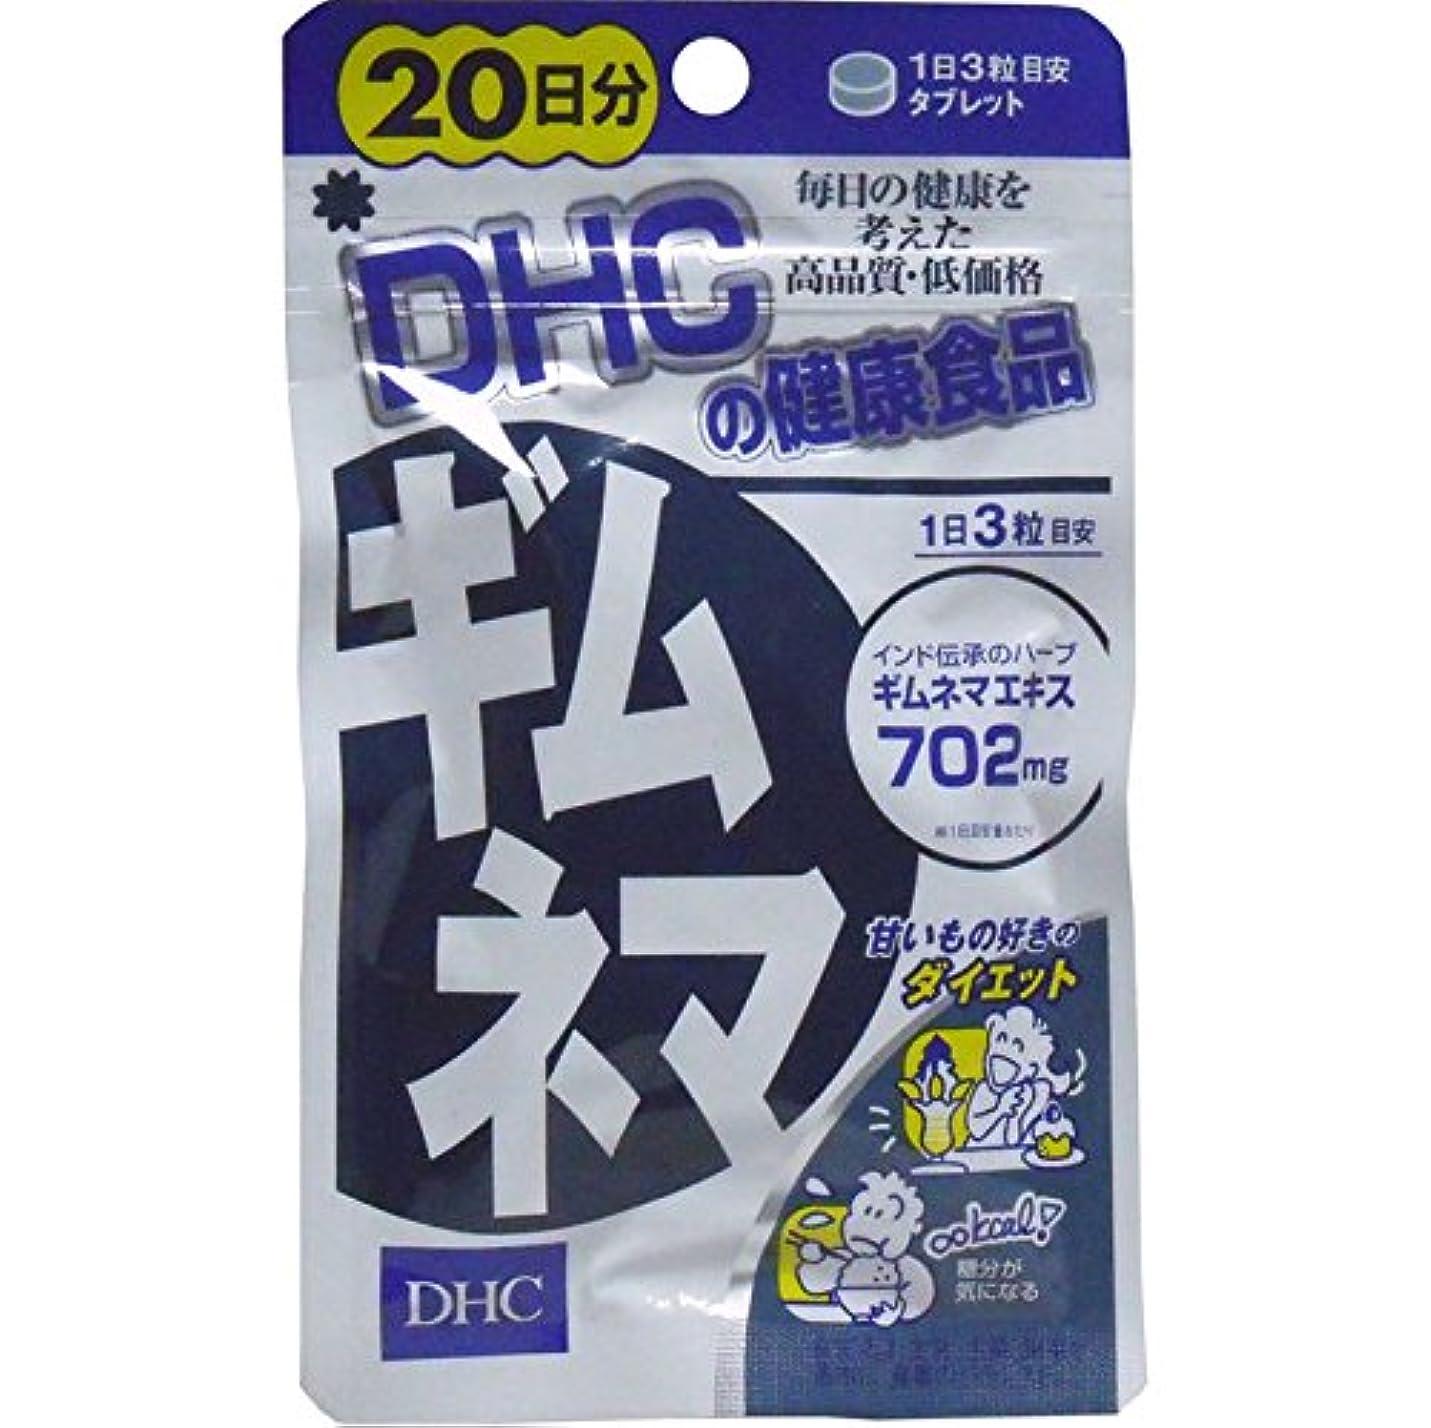 悲観主義者ネコペン糖分や炭水化物を多く摂る人に DHC ギムネマ 20日分 60粒